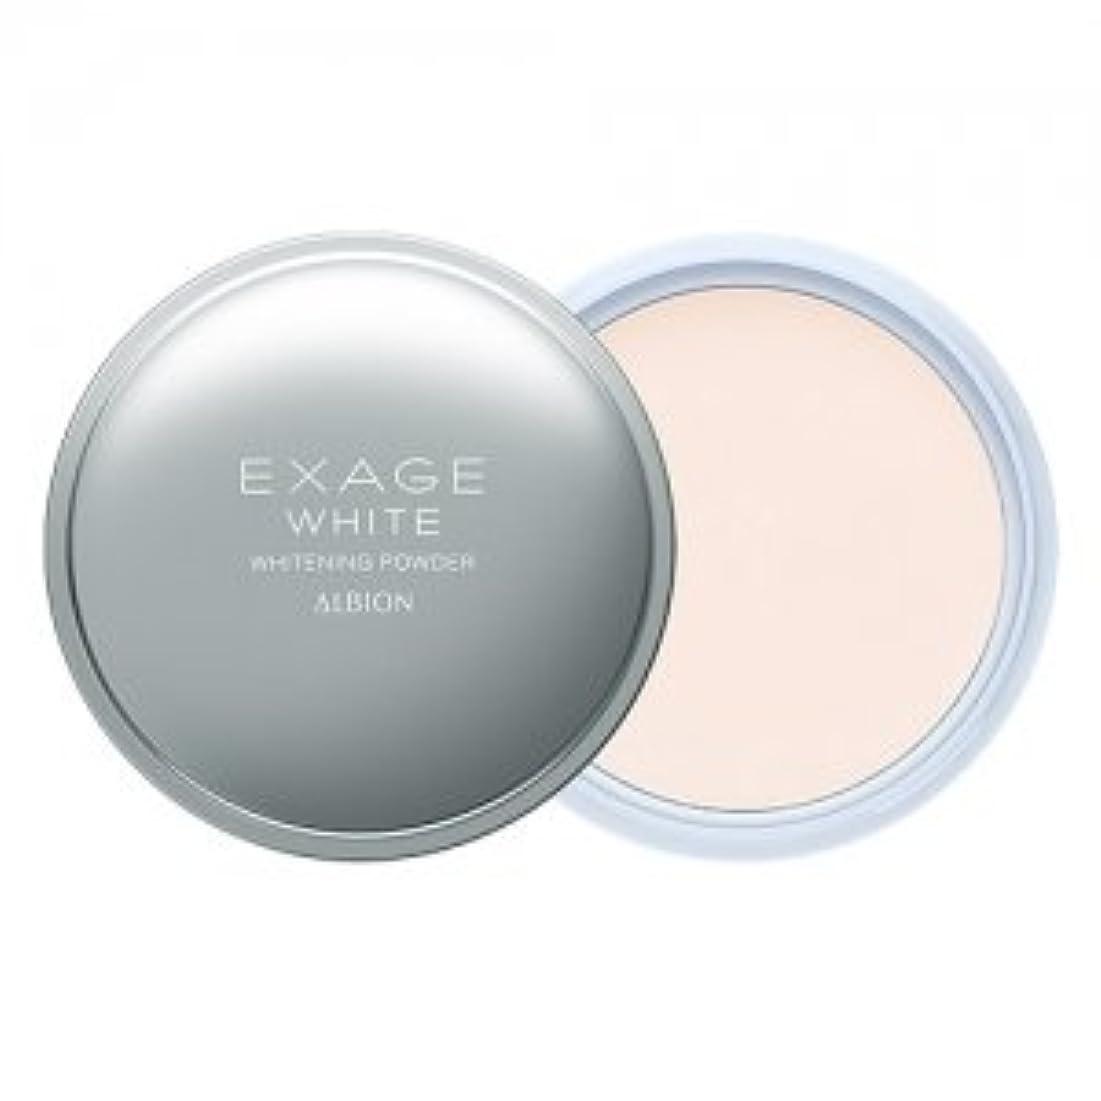 従事する綺麗なからに変化するALBION (アルビオン) EXAGE WHITE エクサージュホワイト ホワイトニング パウダー 18g